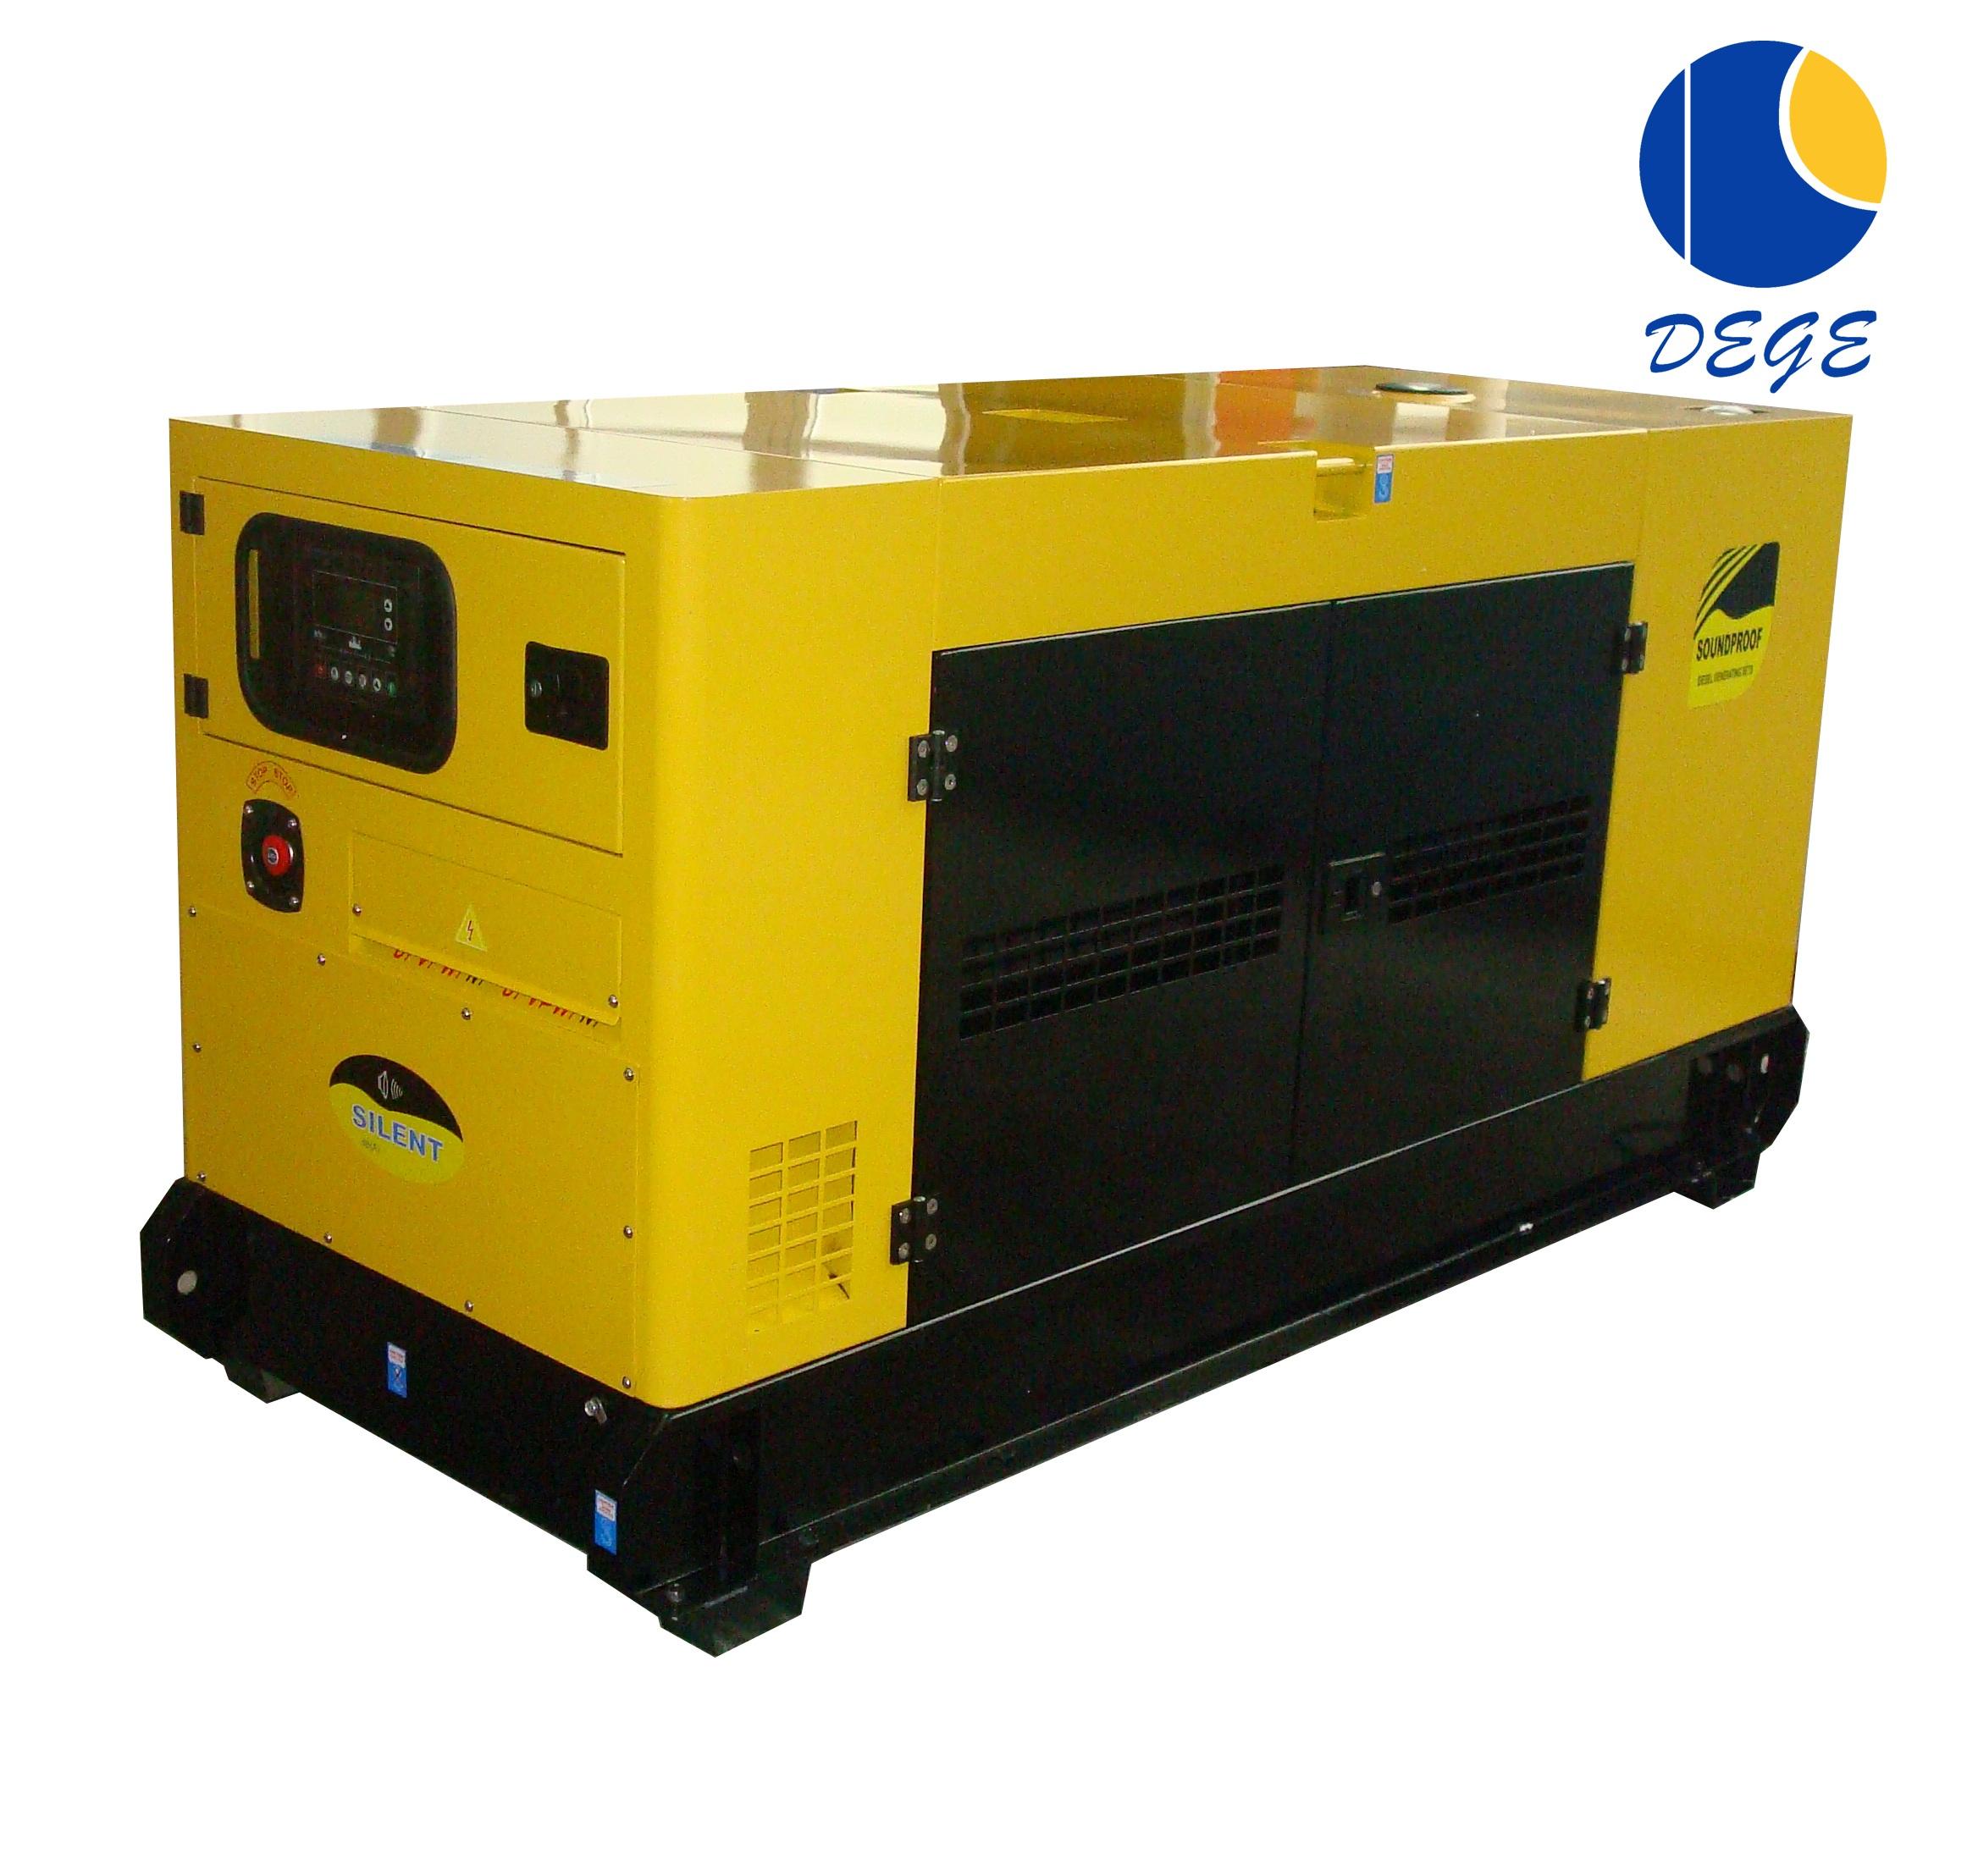 Emergency Power Diesel Generator Emergency Power Diesel Generator